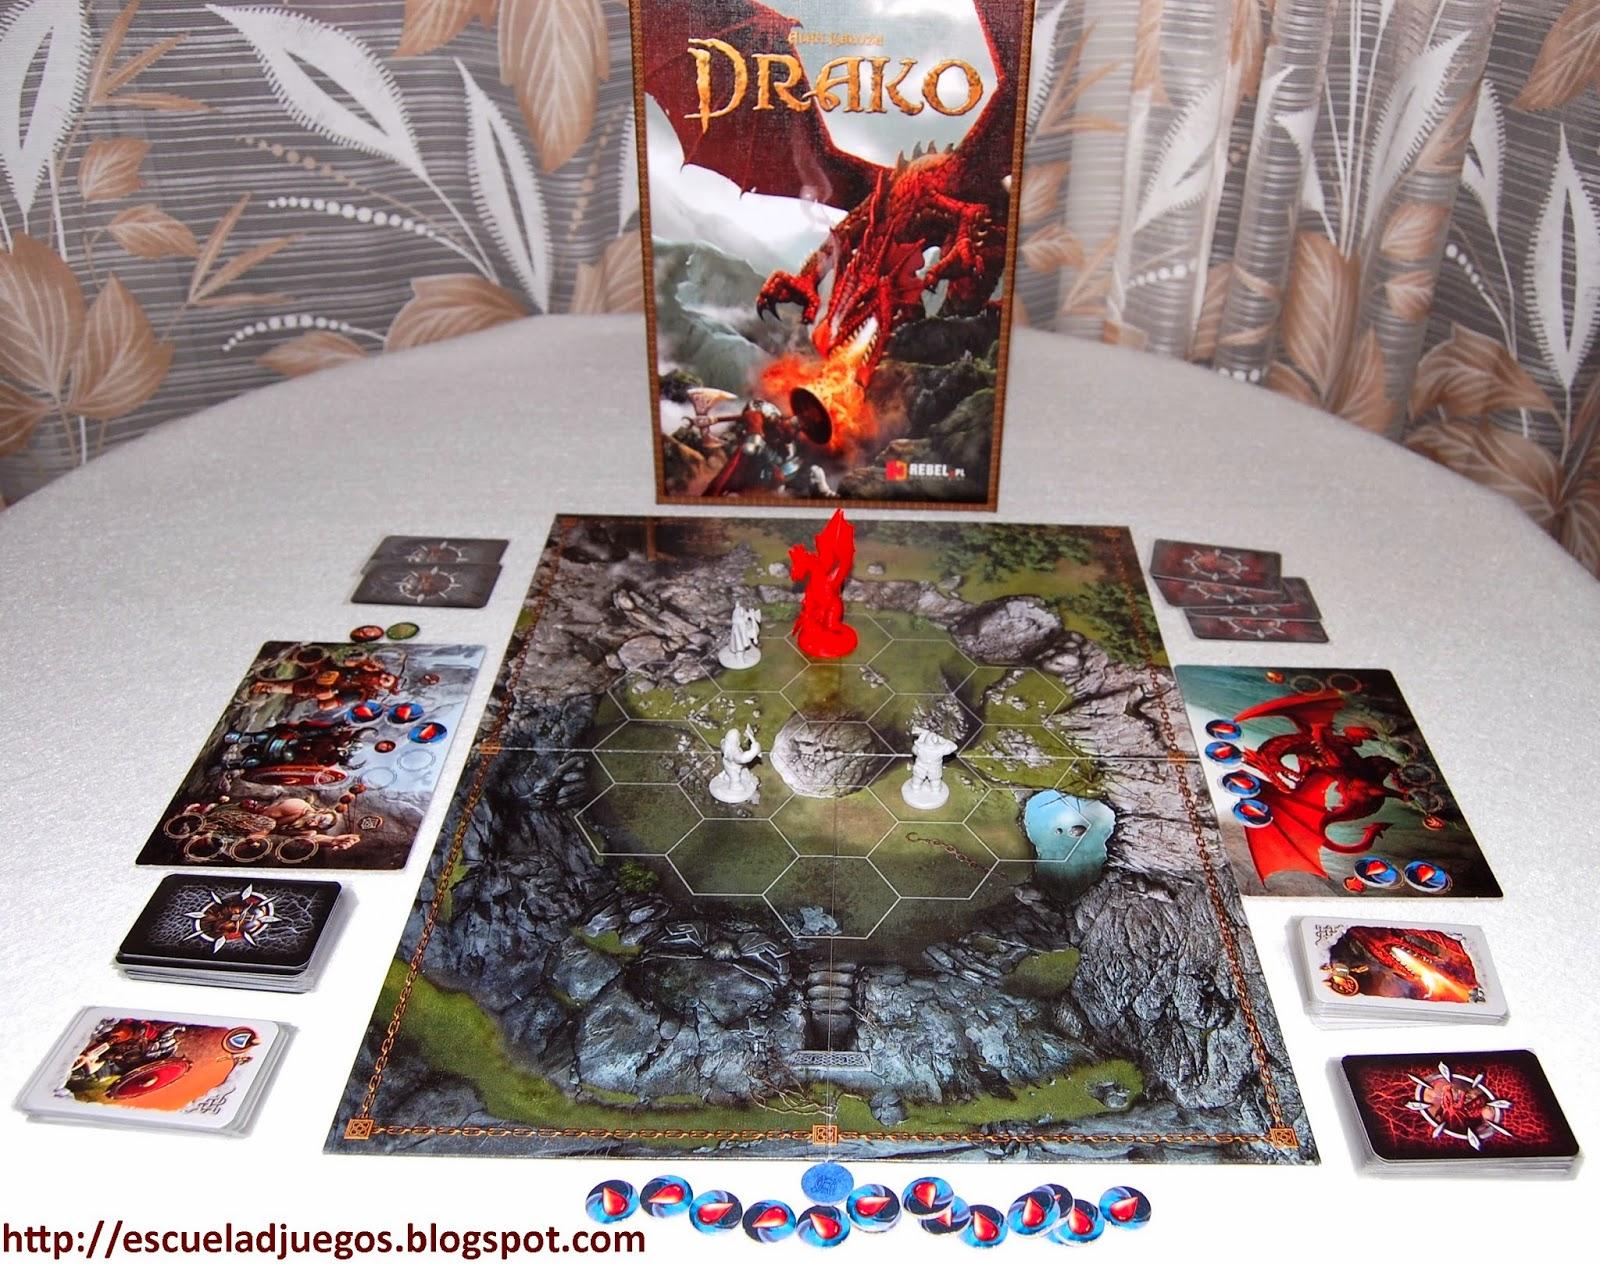 Reseña de Drako, juego de mesa con cartas y miniaturas para 2 jugadores editado por Rebel.pl